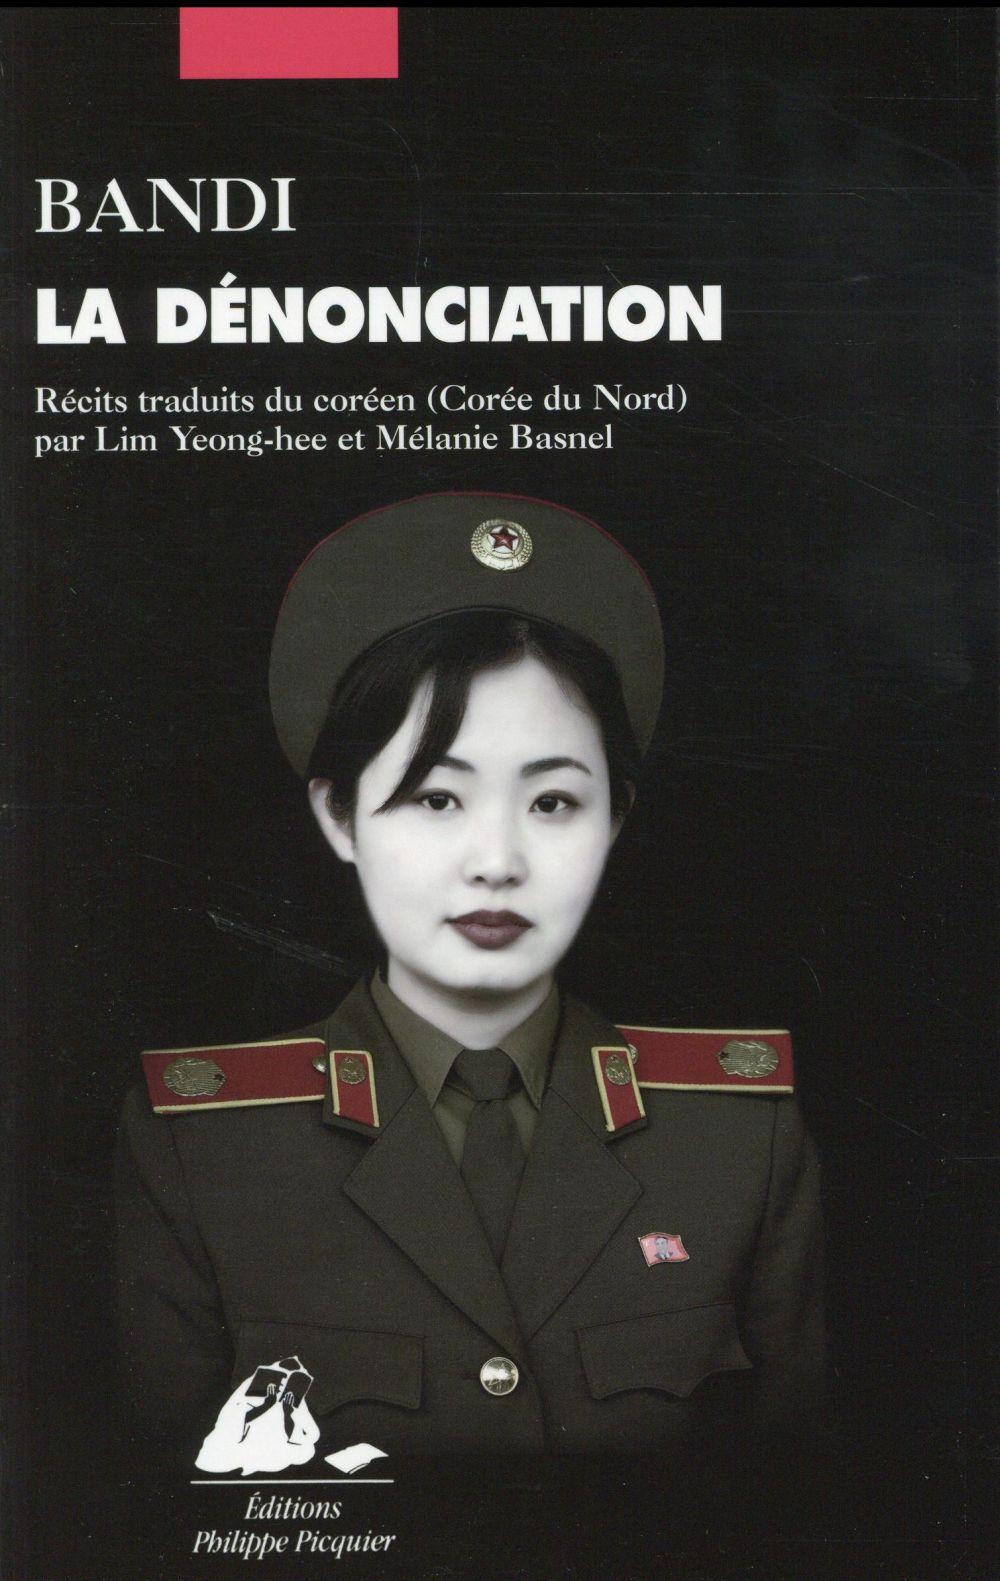 Bandi - LA DENONCIATION